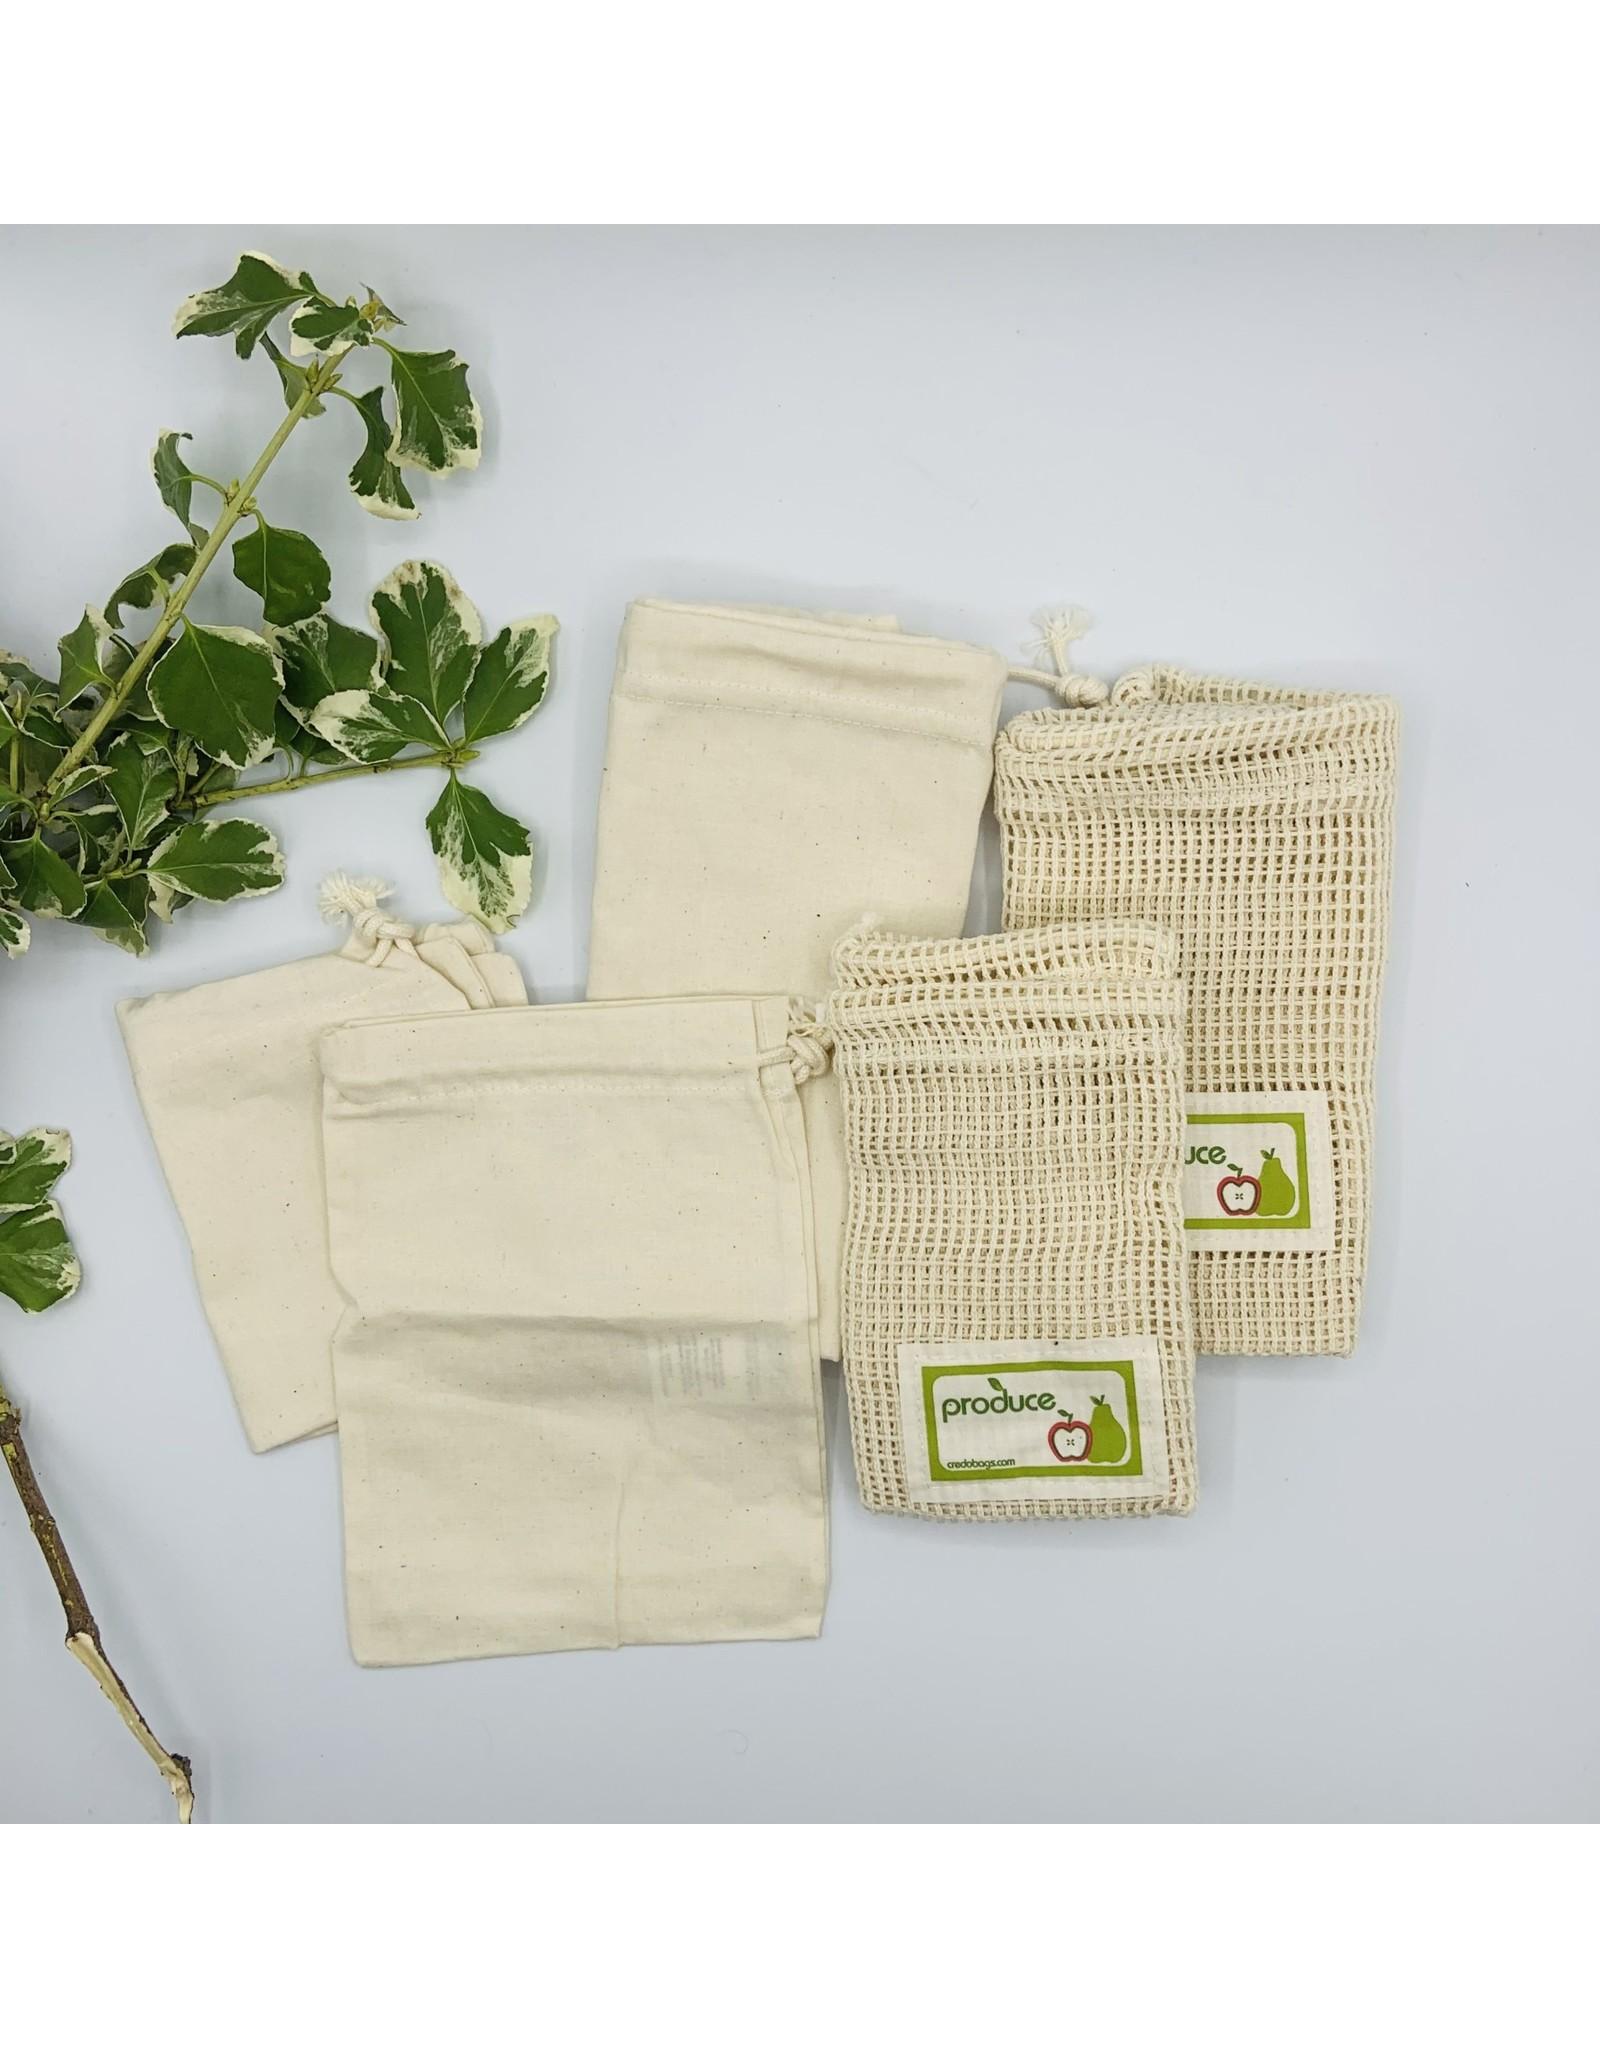 Credo Bags Zero-Waste Starter Set - 5 Reusable Produce and Bulk Bags